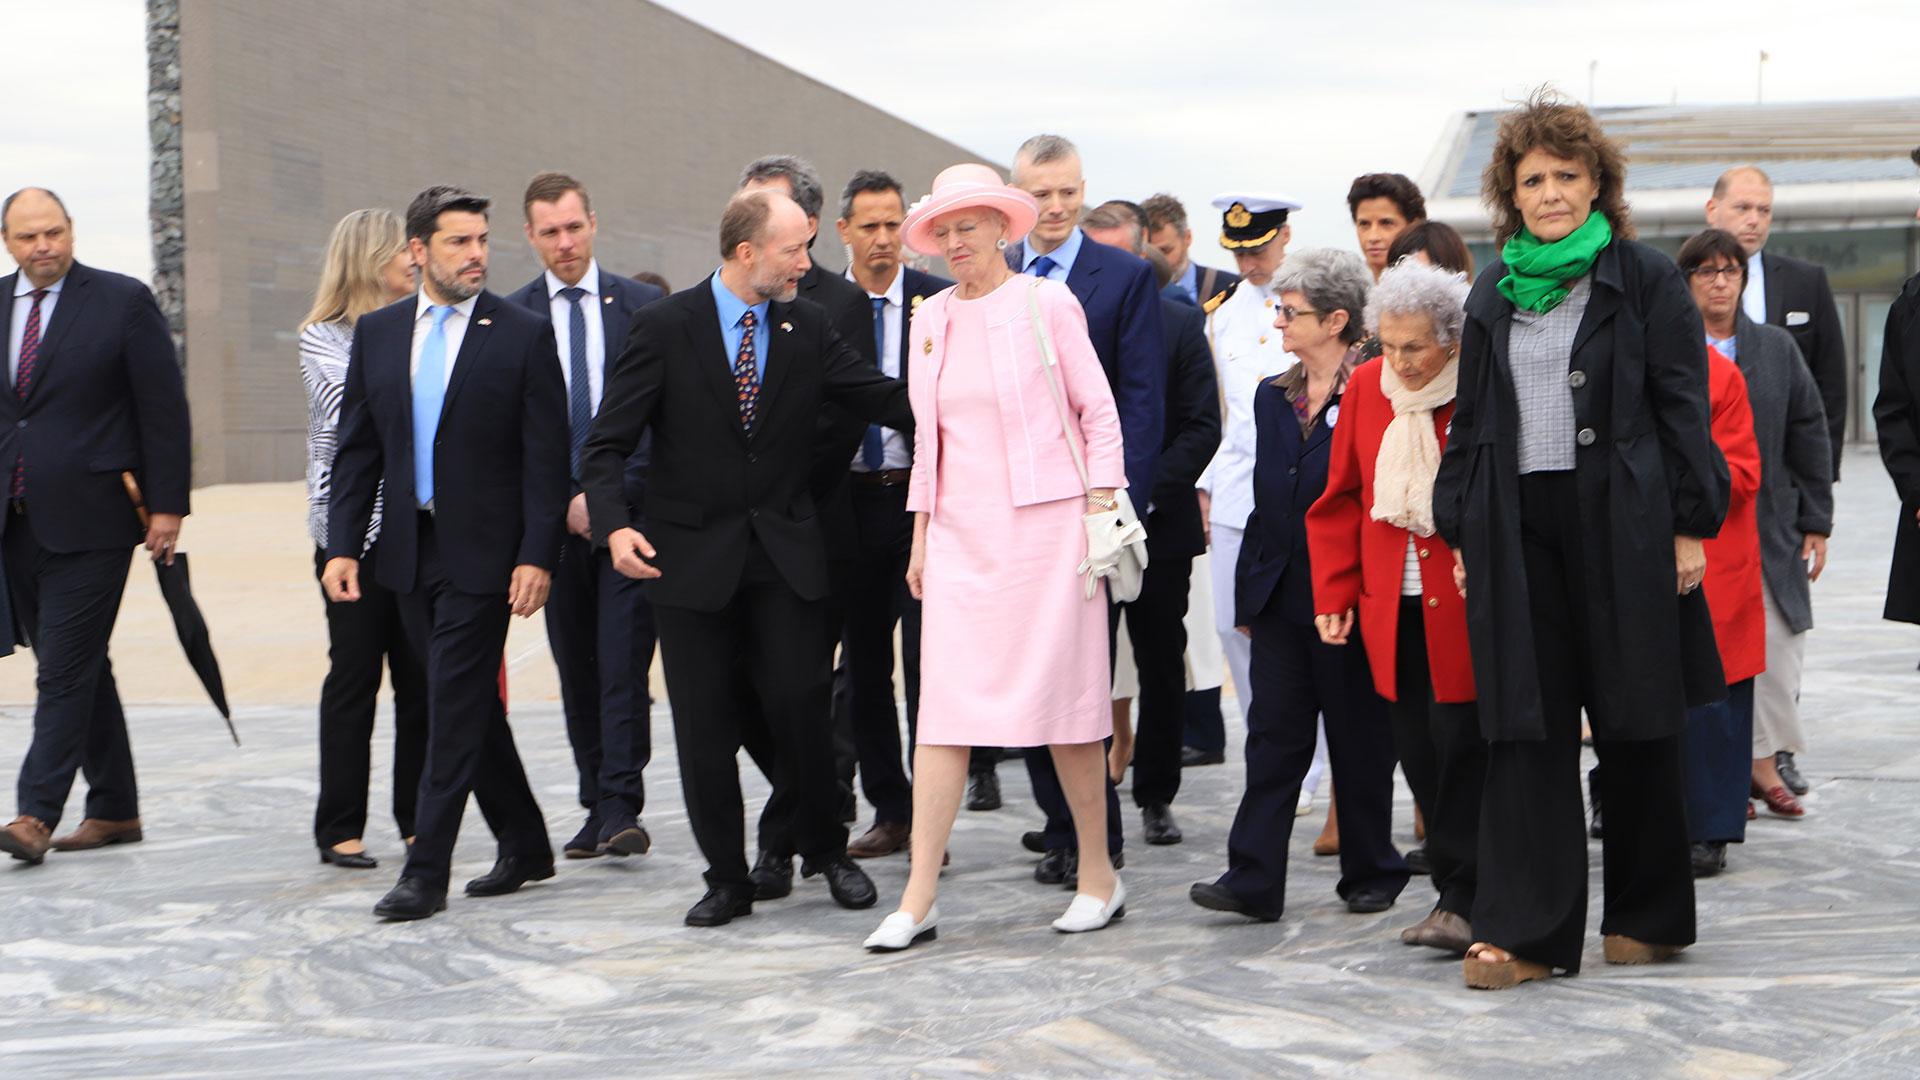 El recorrido fue en el marco de la visita de Estado de la monarca danesa